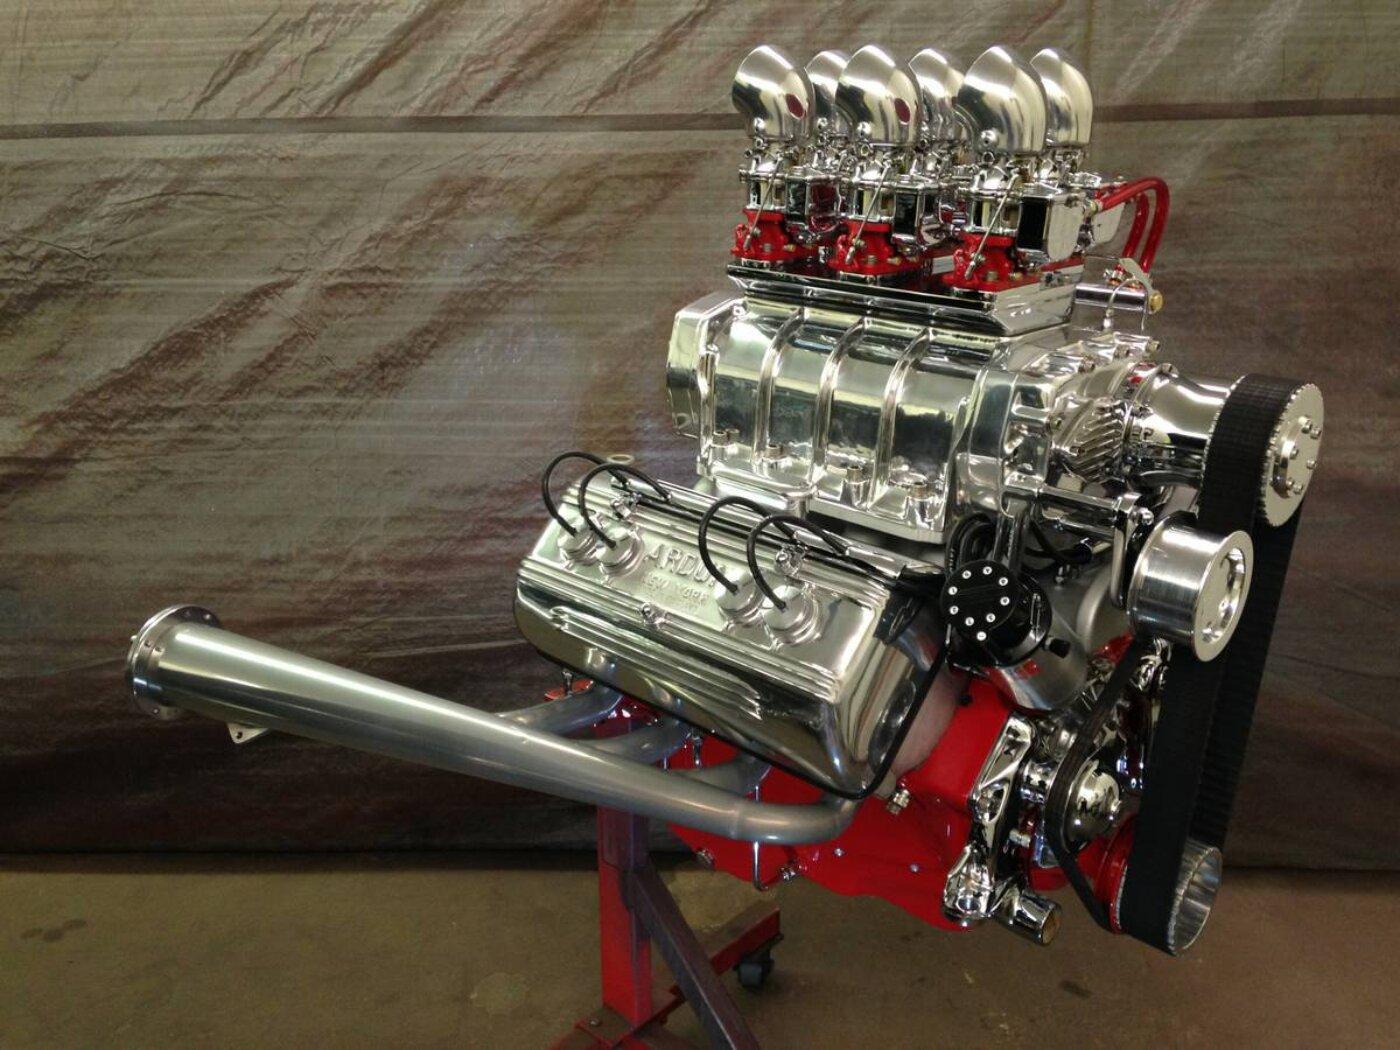 Ardun Ford E Bbe E A A B De F F D D on Ford Flathead V8 Engine Parts